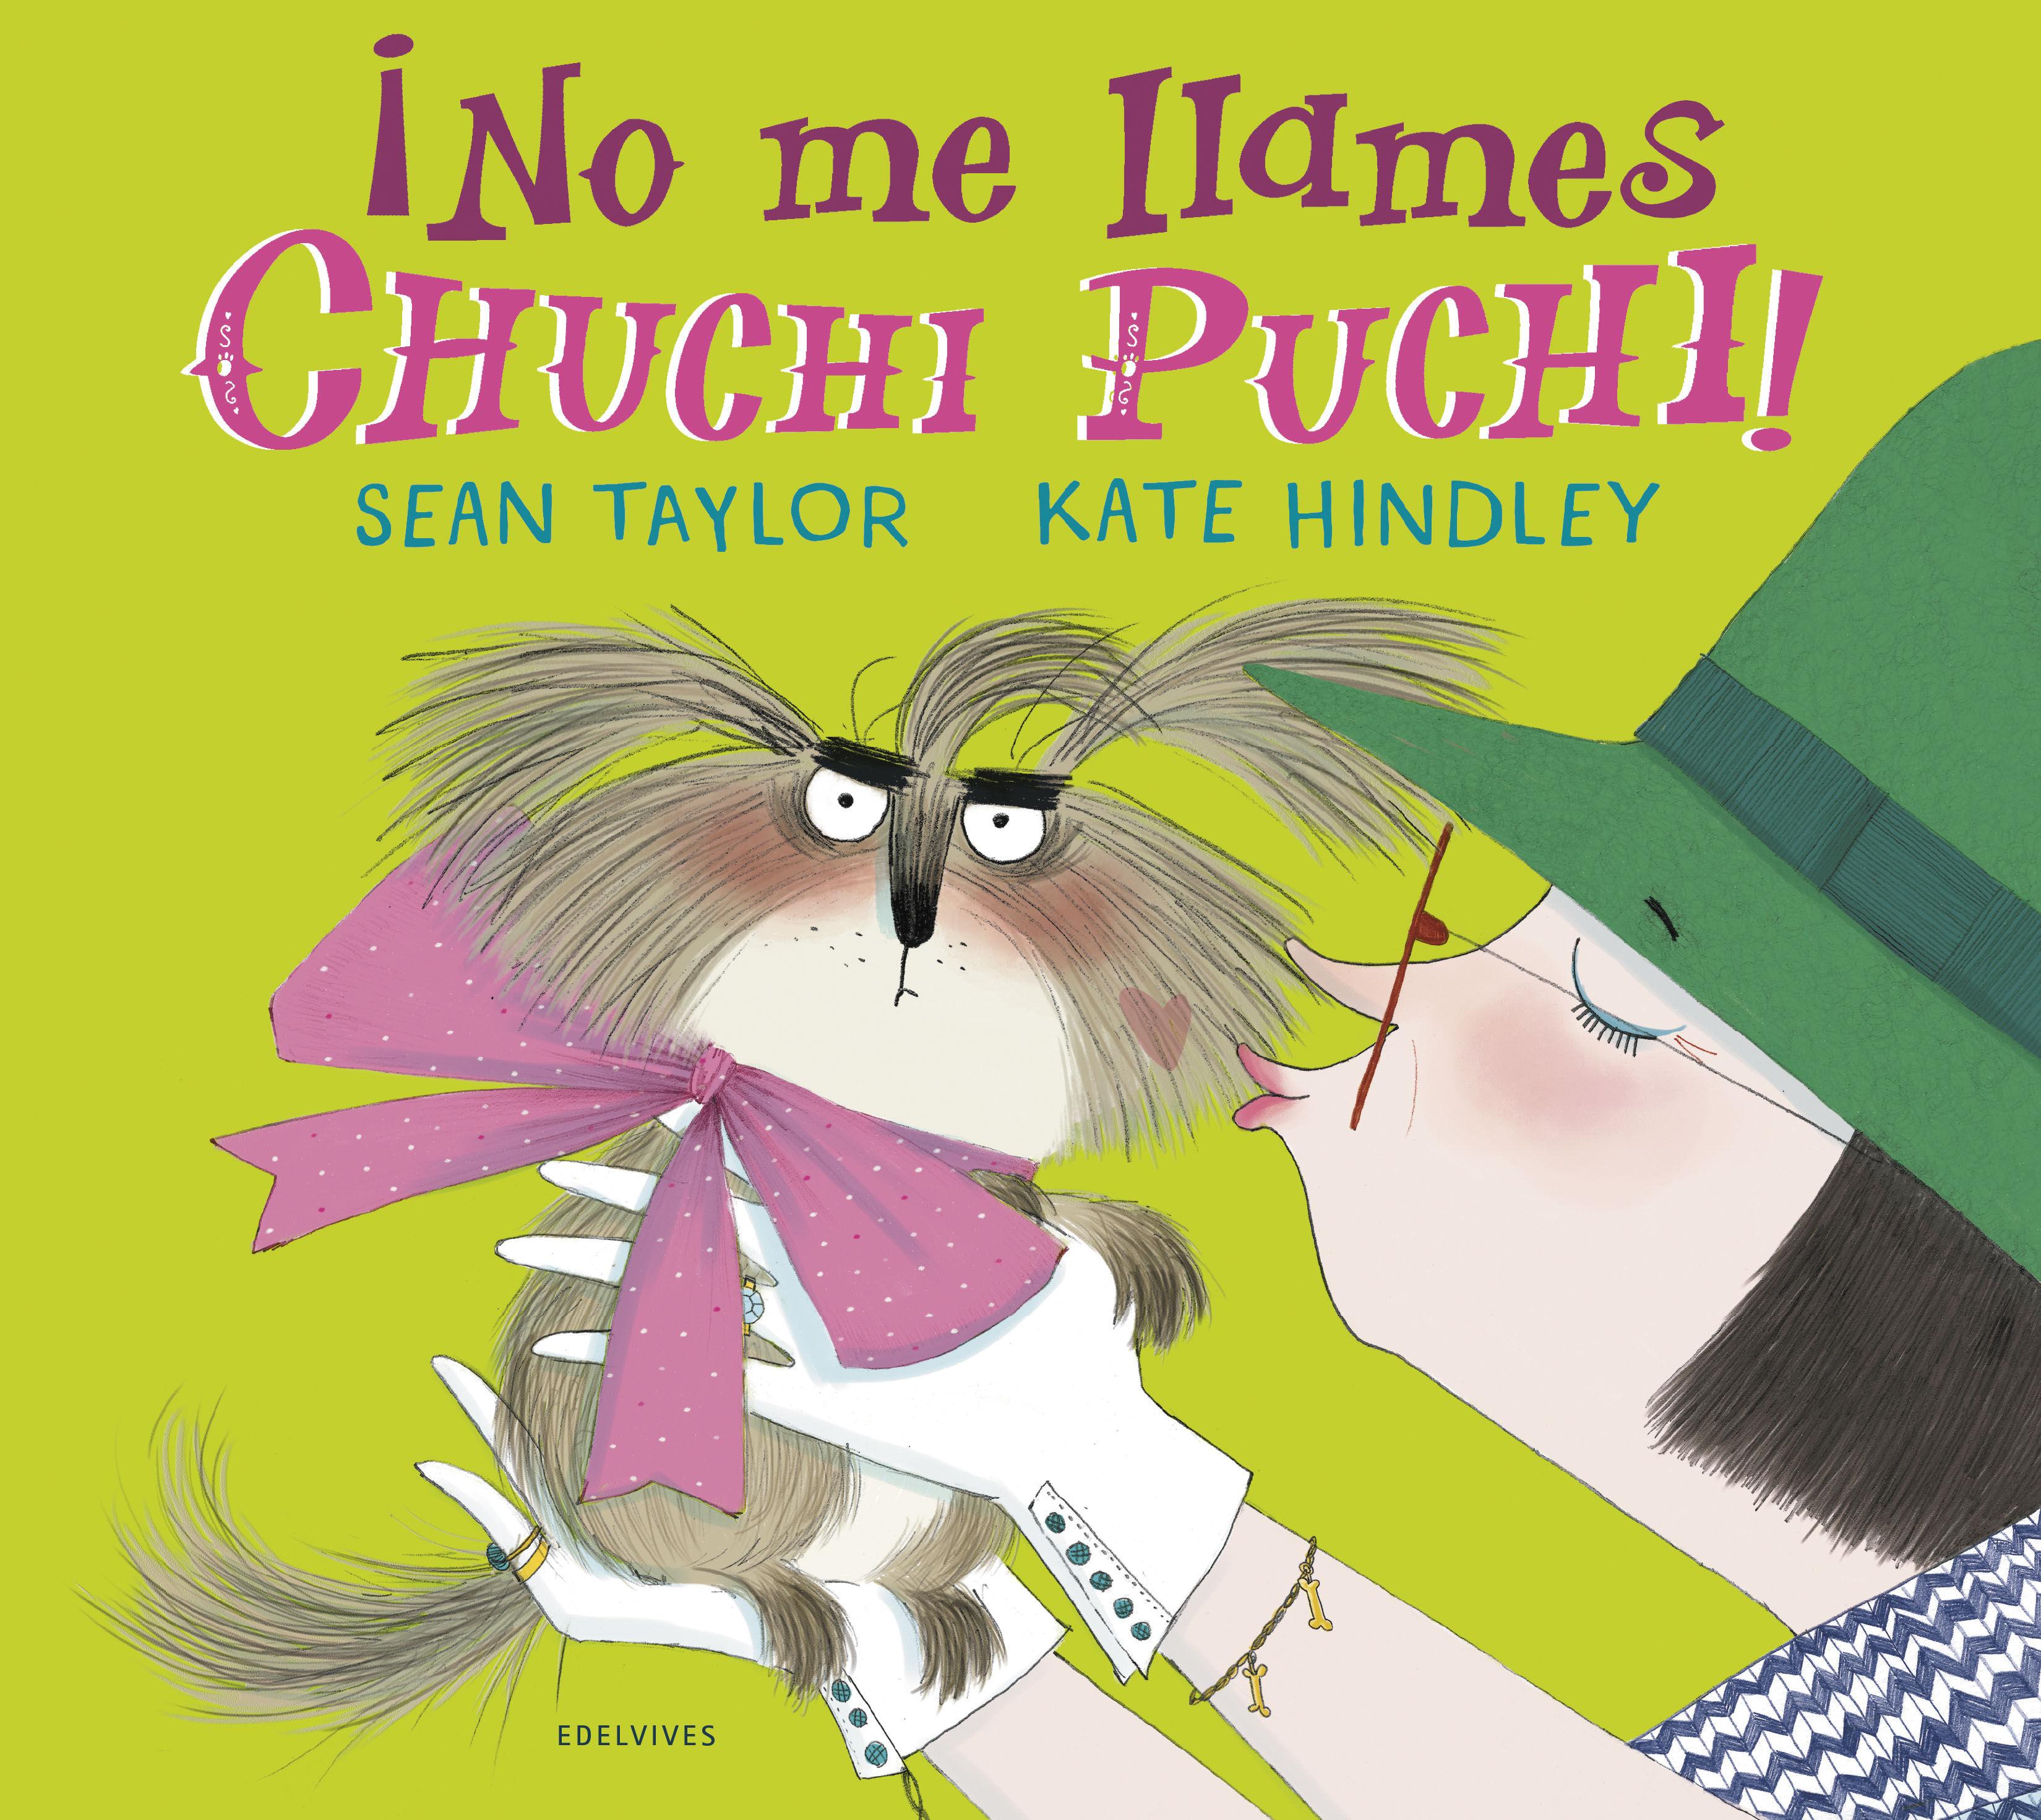 NO ME LLAMES CHUCHI PUCHI!